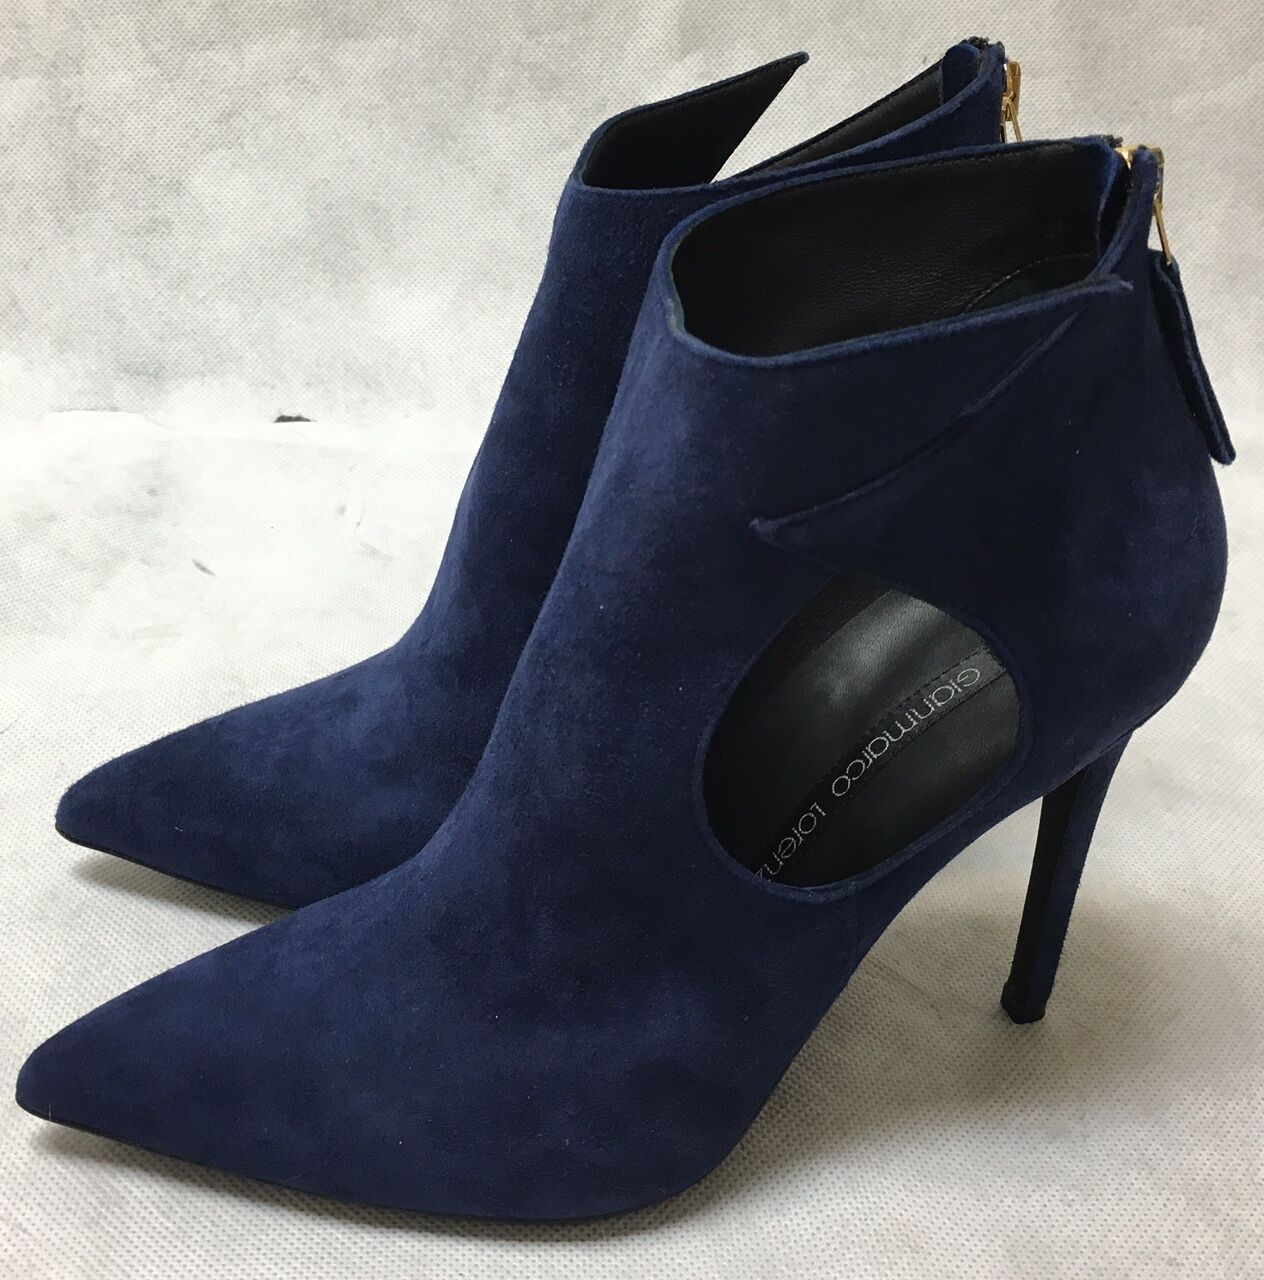 Gianmarco Lorenzi Blau Suede Heels. A6GI569B.   Various Größes.